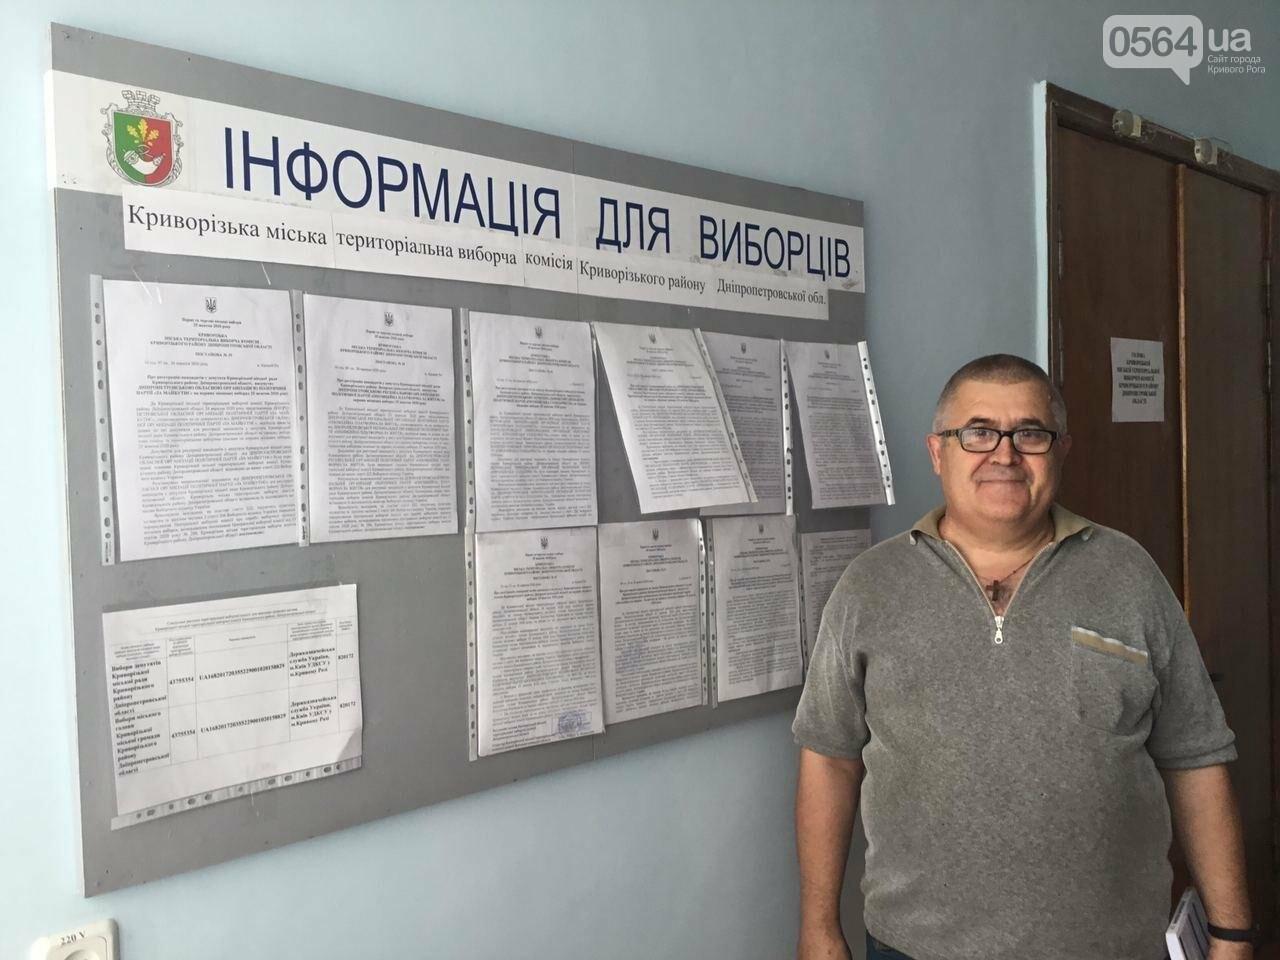 9 кандидатов в мэры и 7 партийных списков, - кого в Кривом Роге зарегистрировали кандидатами в градоначальники, - ФОТО, ВИДЕО, фото-1